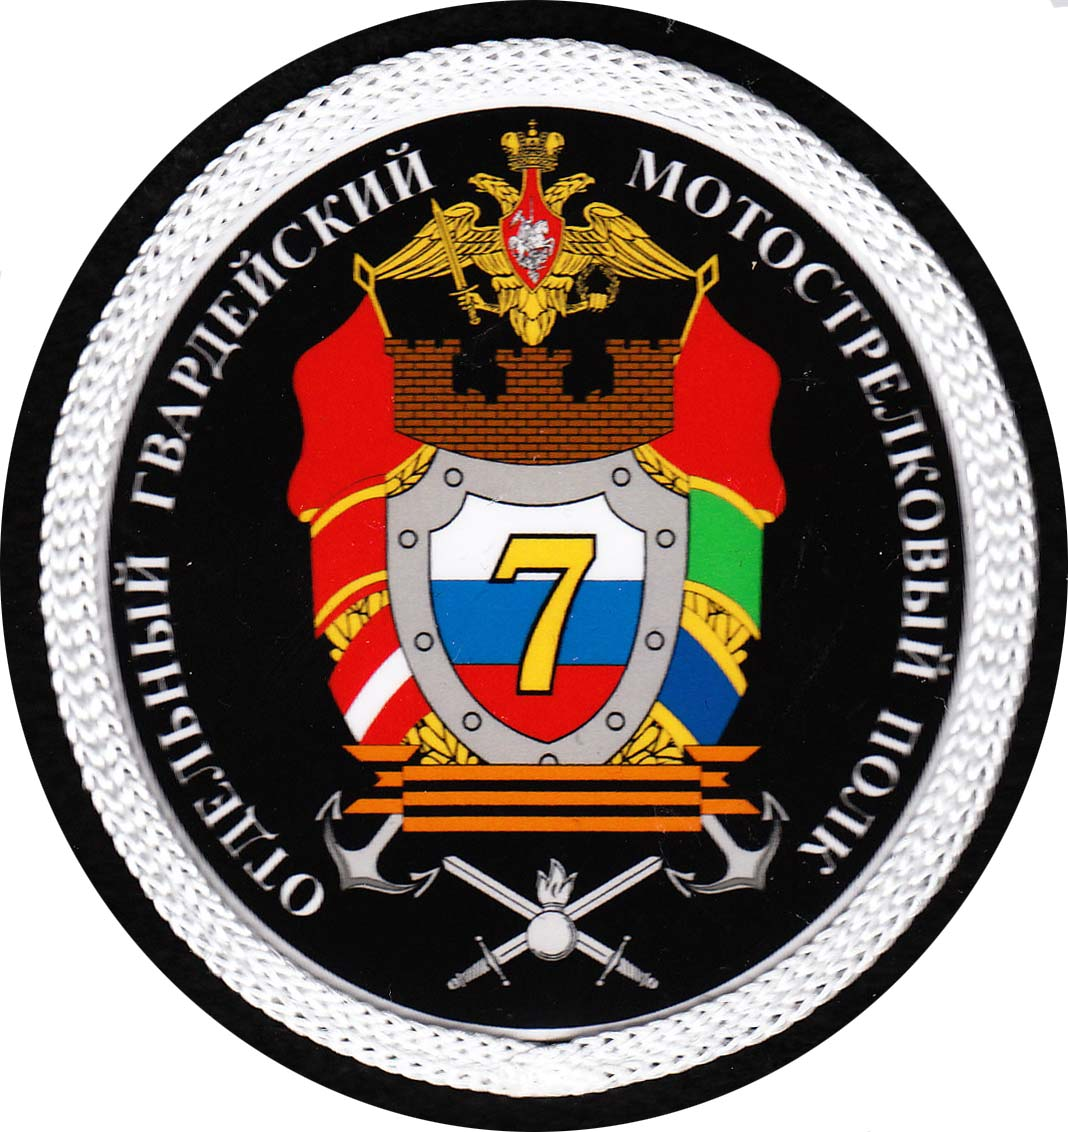 200-й гвардейский мотострелковый фастовский ордена ленина краснознаменный орденов